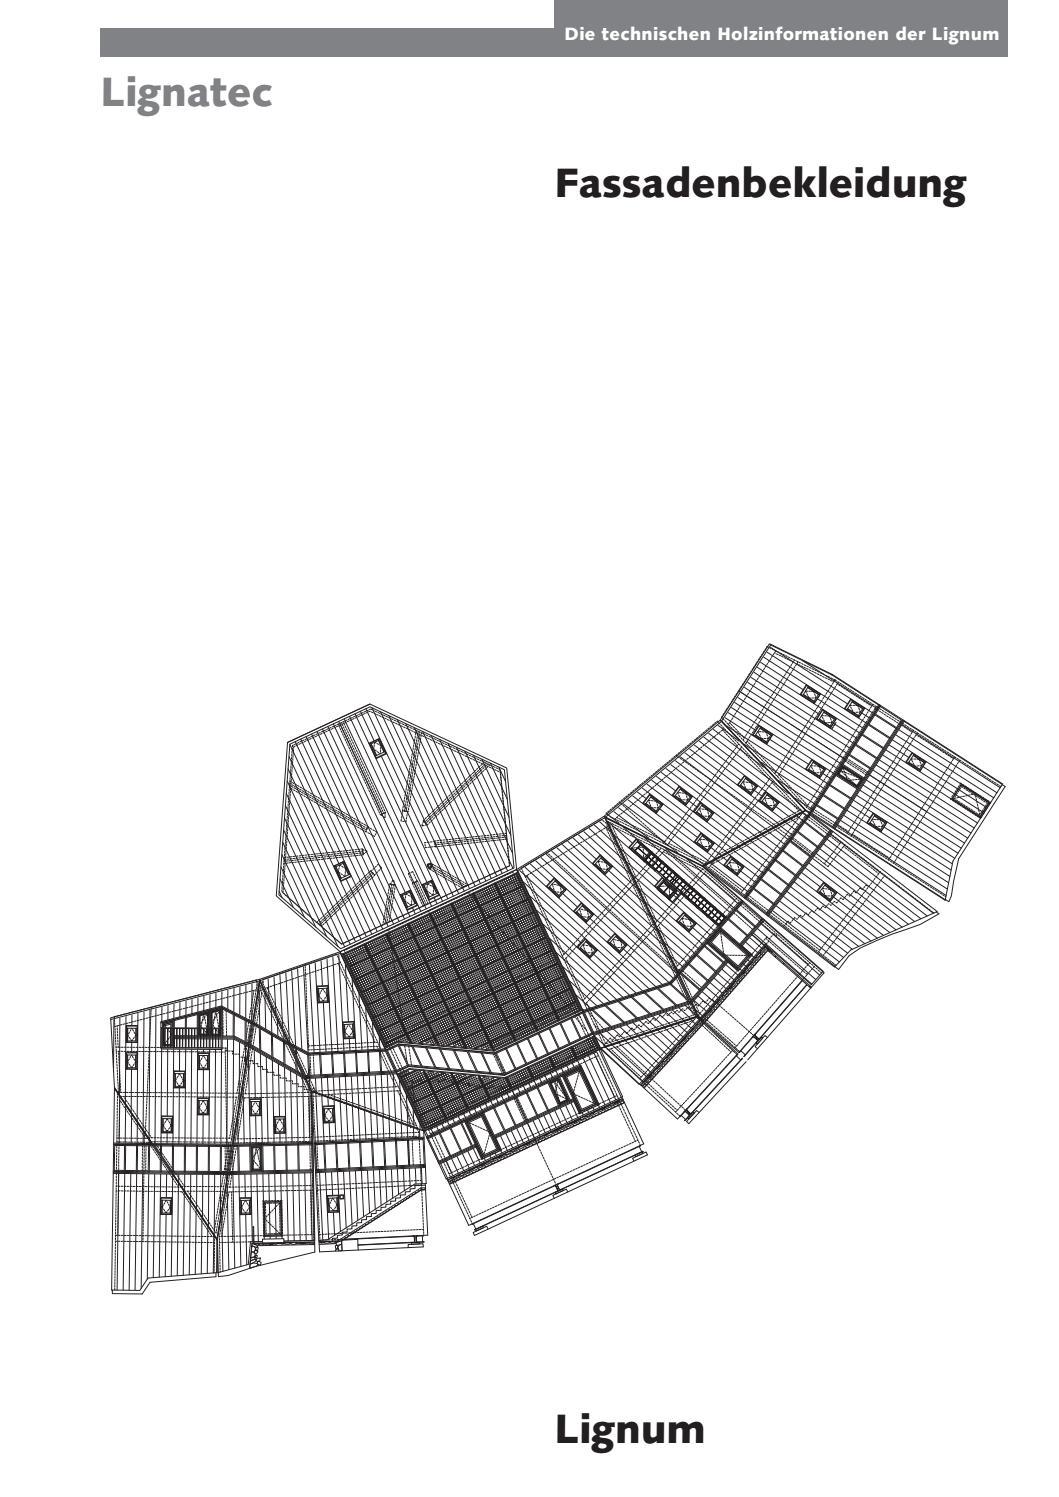 4,46 qm Rolle Keramische Isolierwolle 96 kg m³